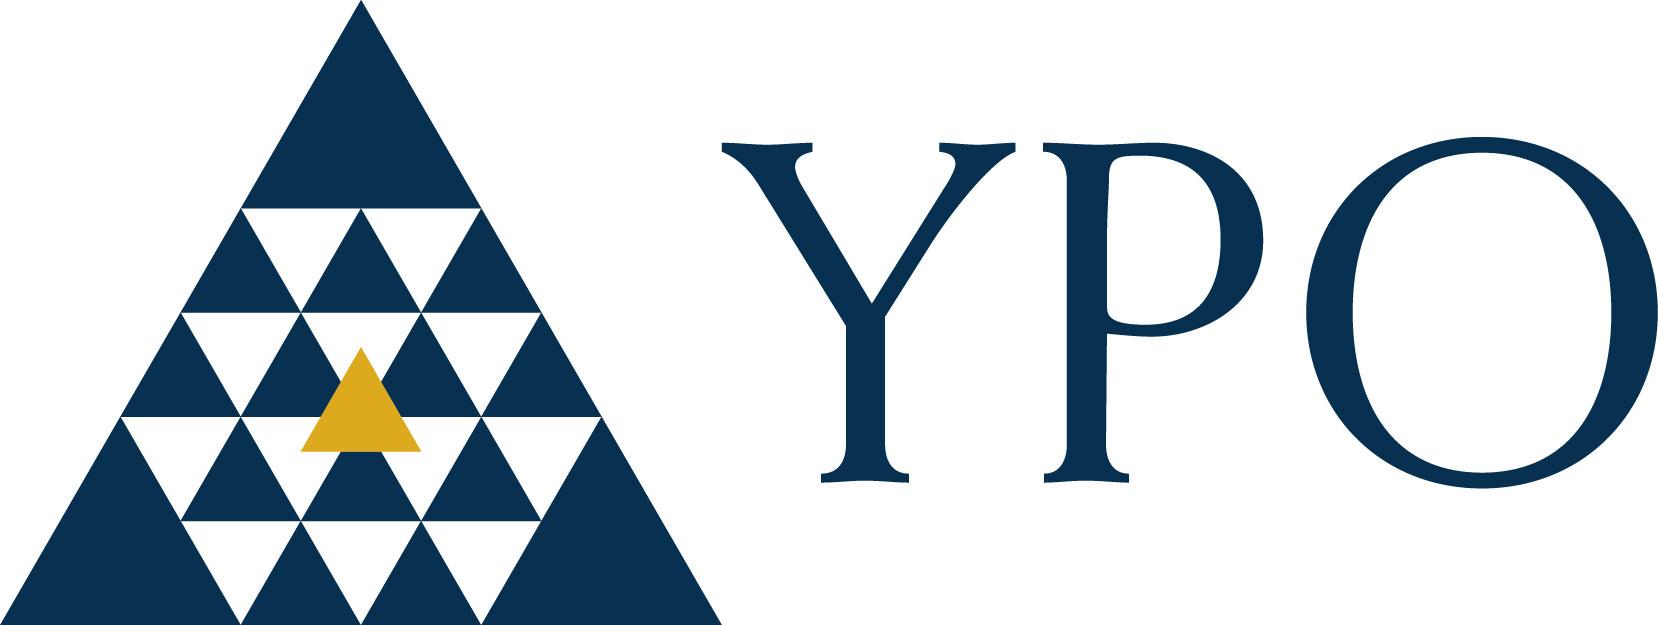 new_ypo_logo.jpg